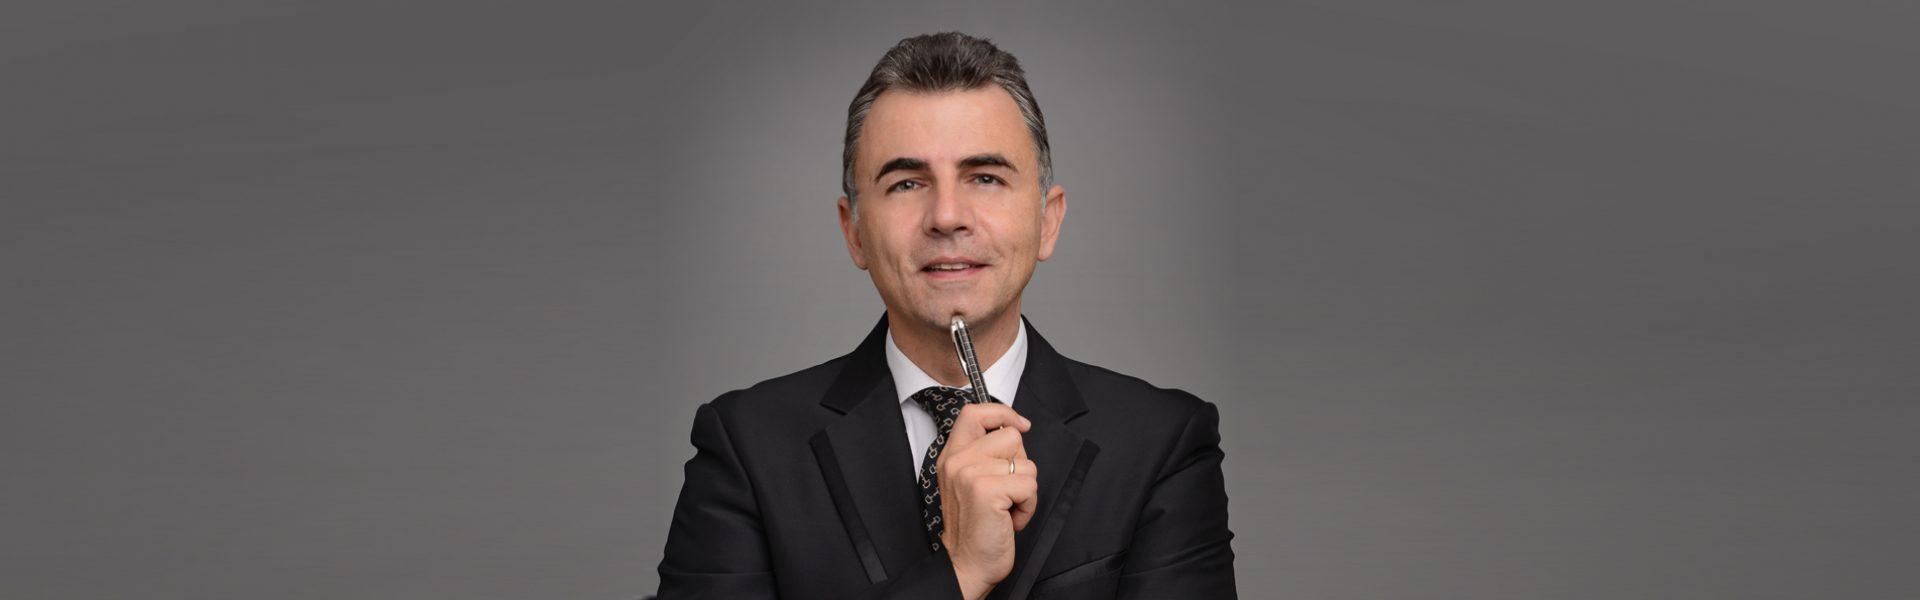 """Vescovi (Lega): """"Sceglieremo il miglior candidato possibile per vincere a Siena"""""""